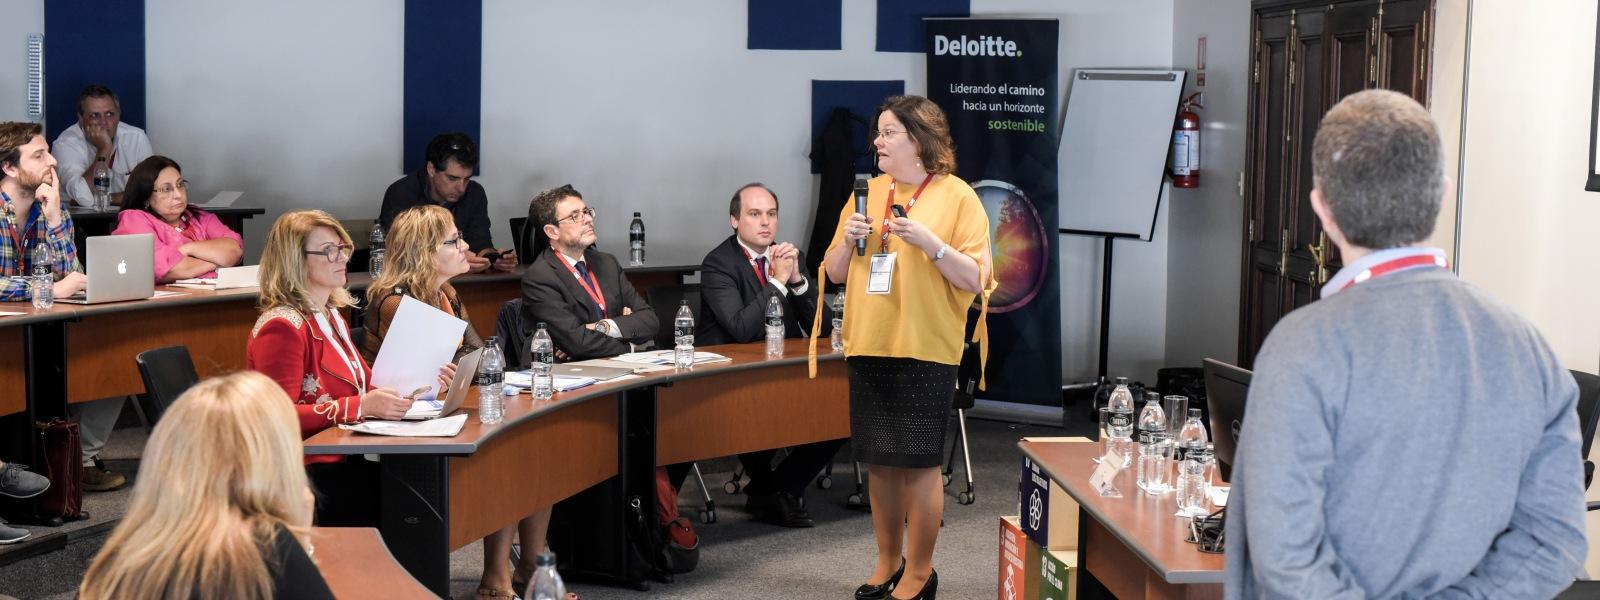 Presentación de la Cátedra Deloitte